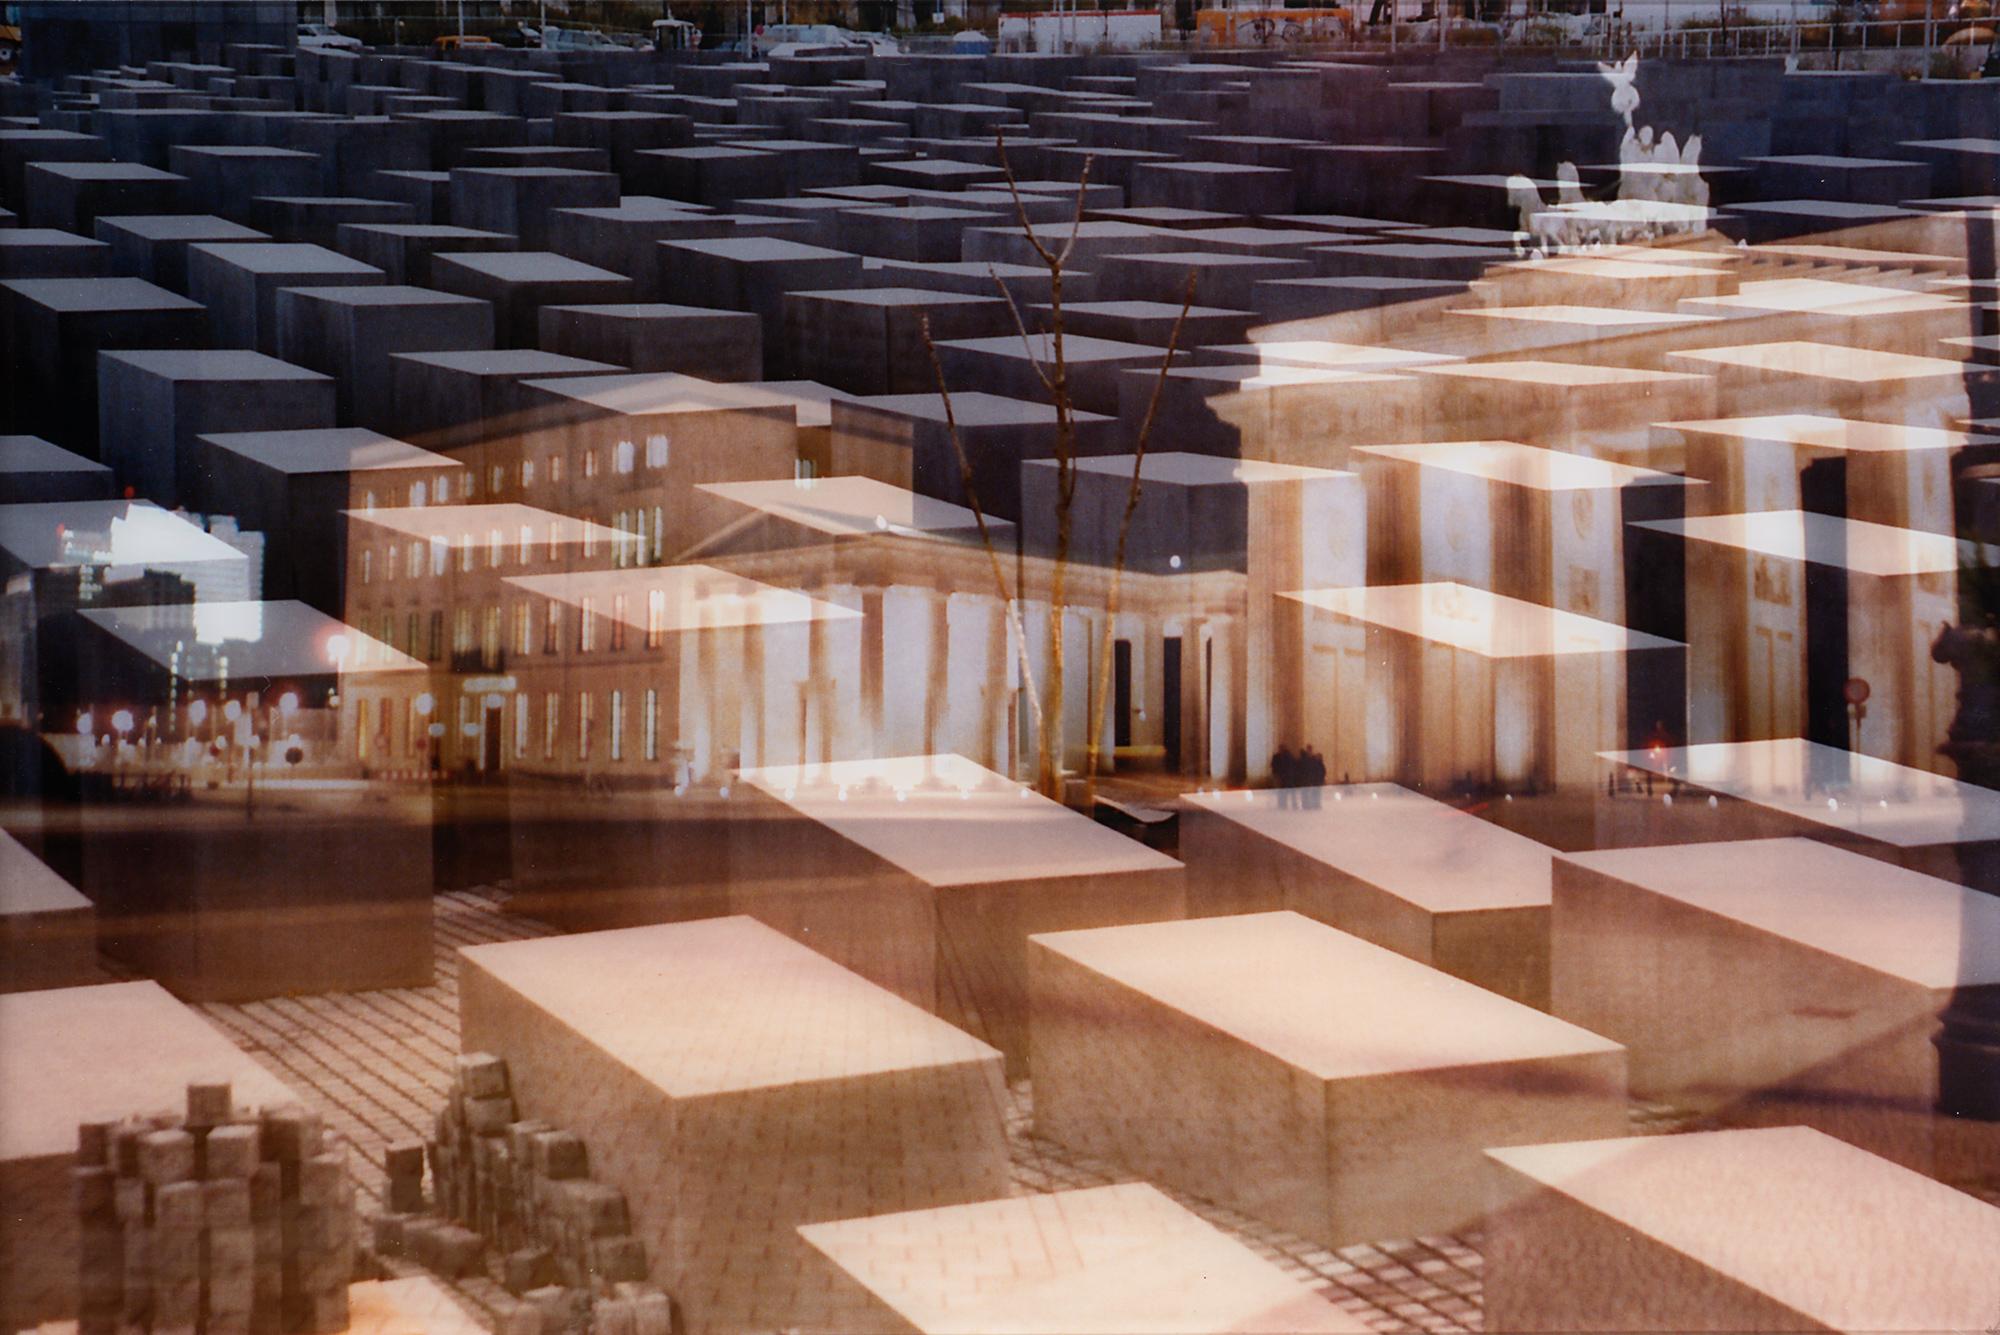 My Own Rave – Berlino (Porta di Brandeburgo + Monumento alle vittime dell'Olocausto), 2005